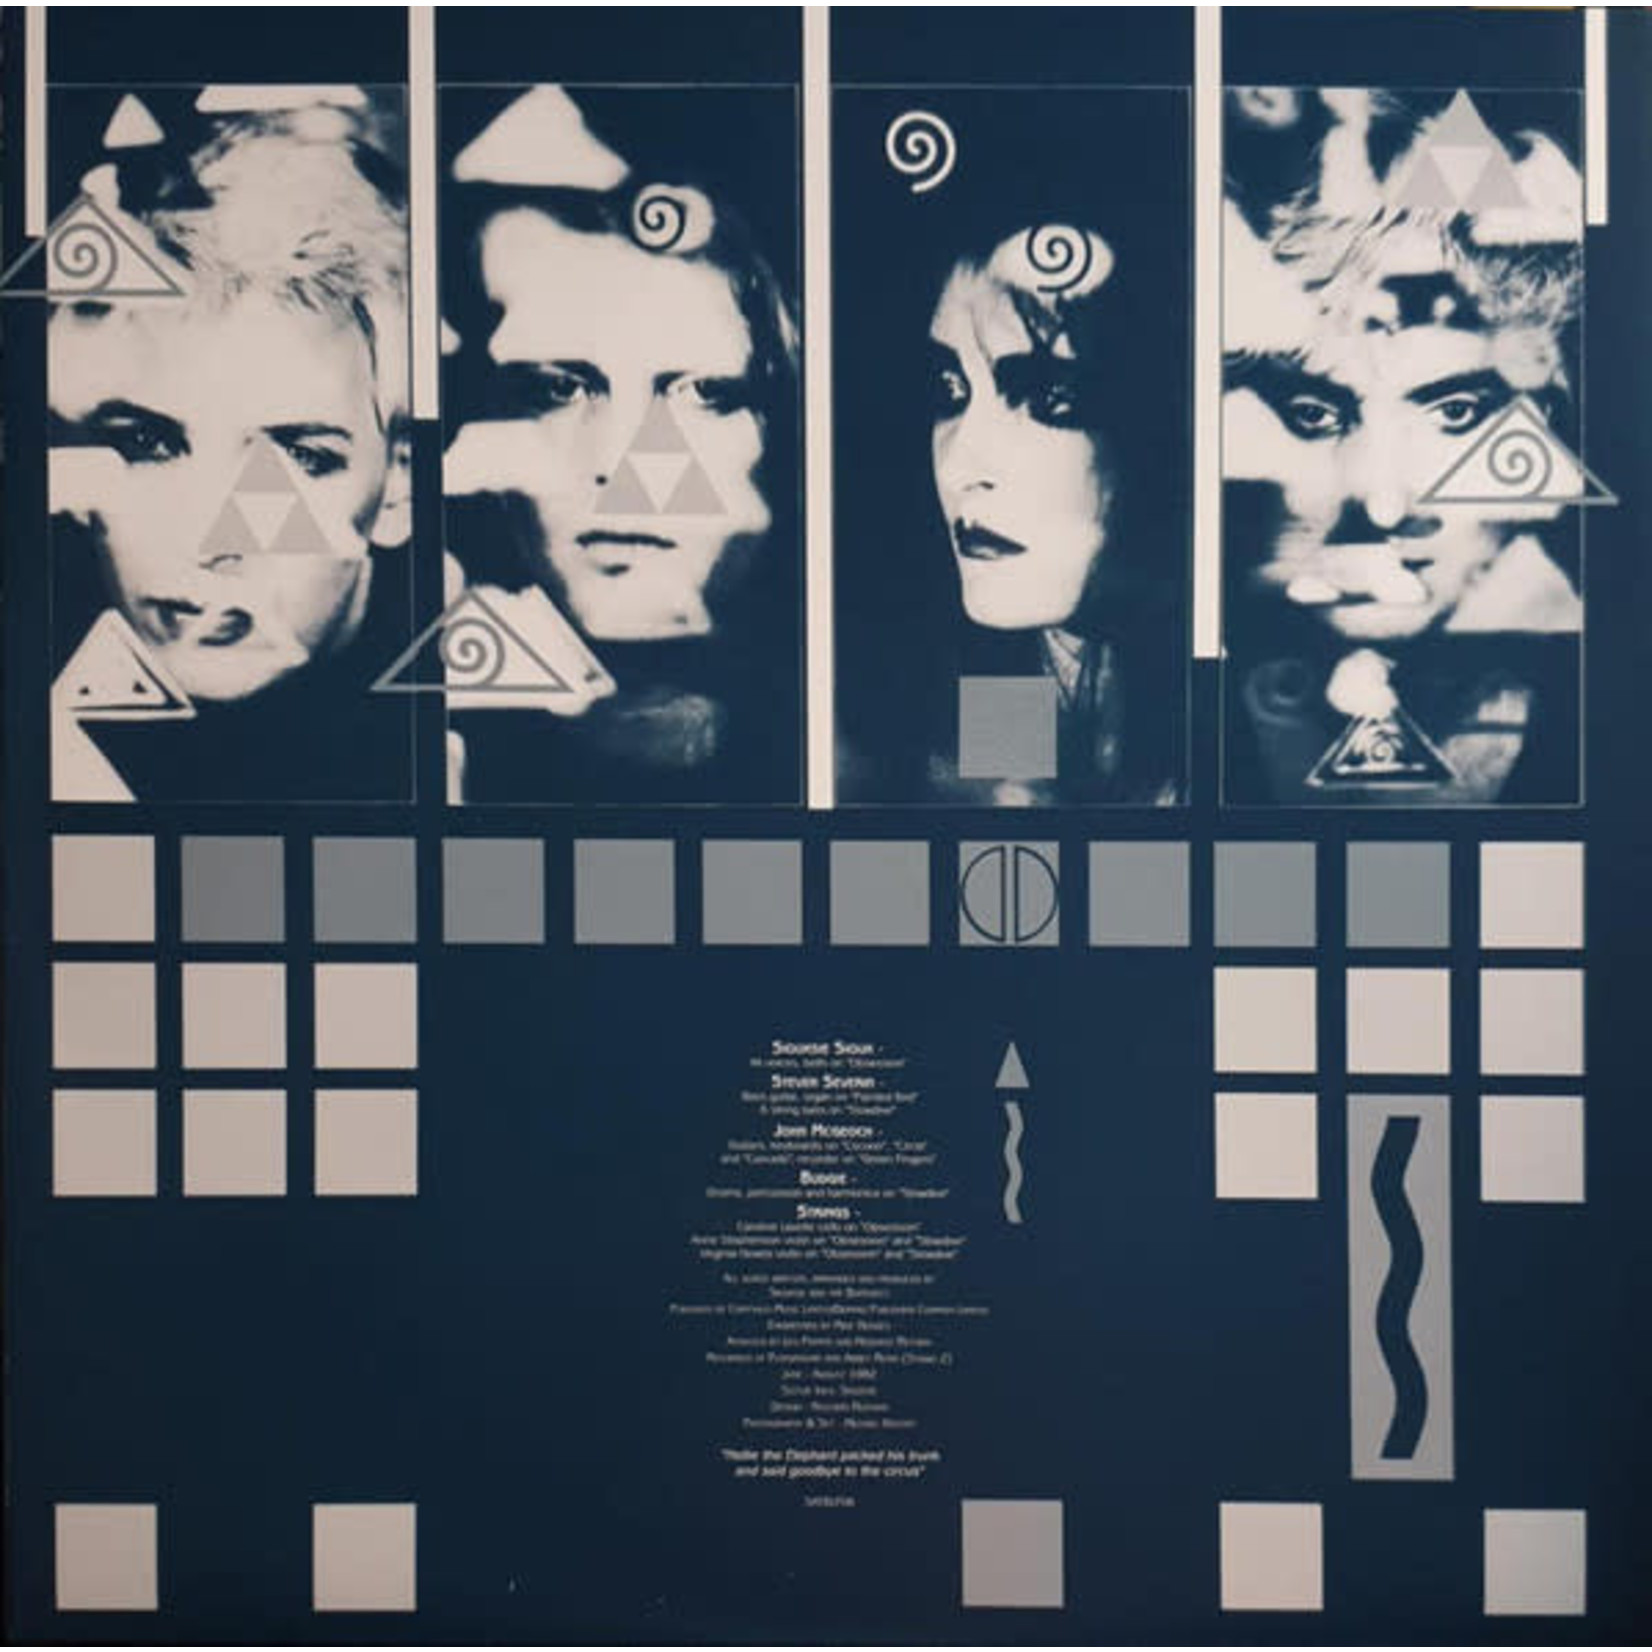 SIOUXSIE & THE BANSHEES A KISS IN THE DREAMHOUSE  LP